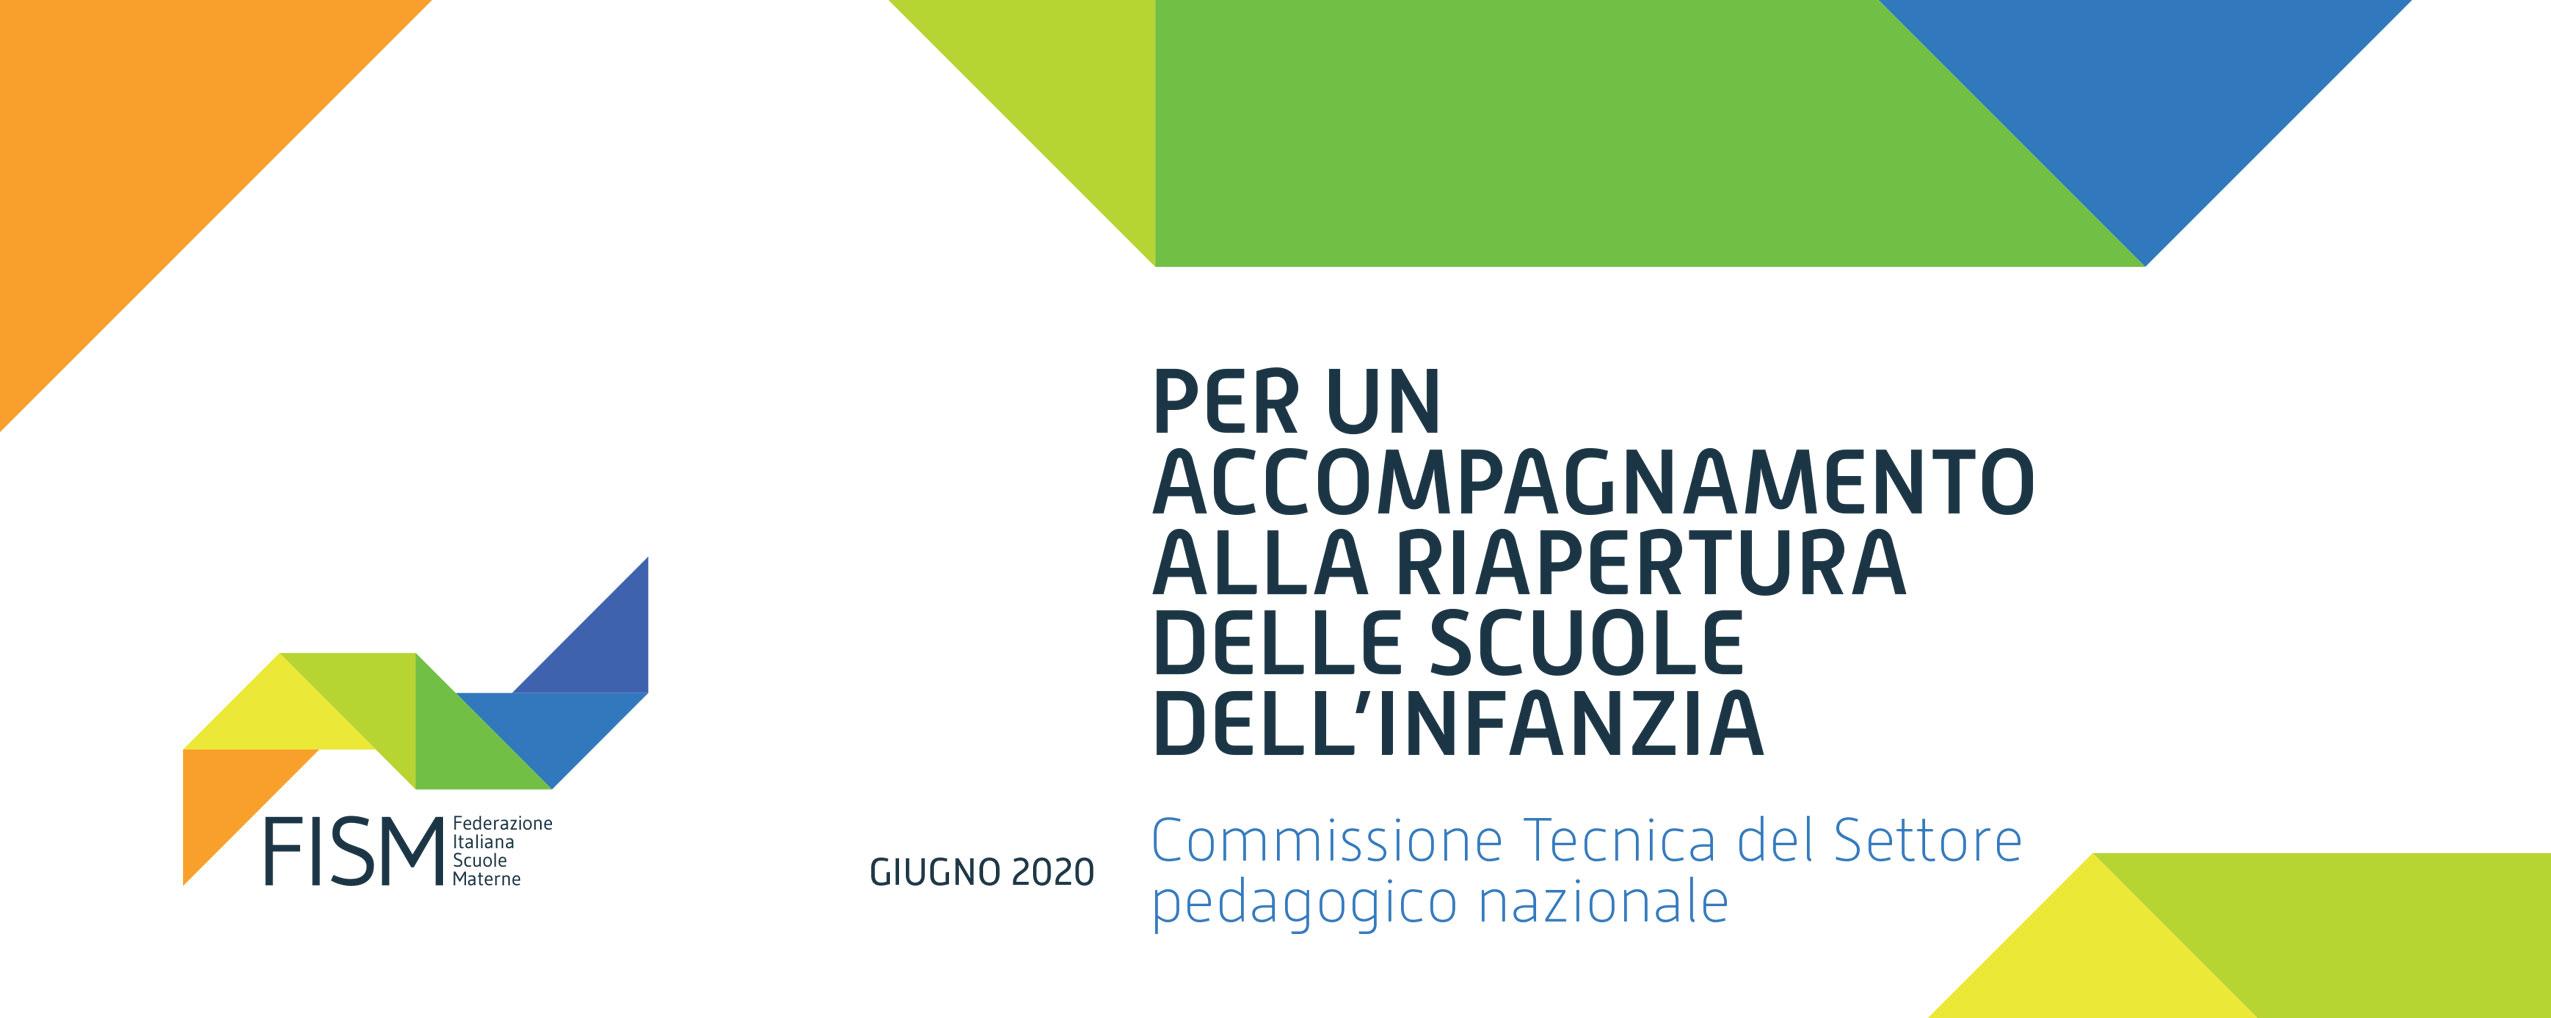 banner_per_un_accompagnamento